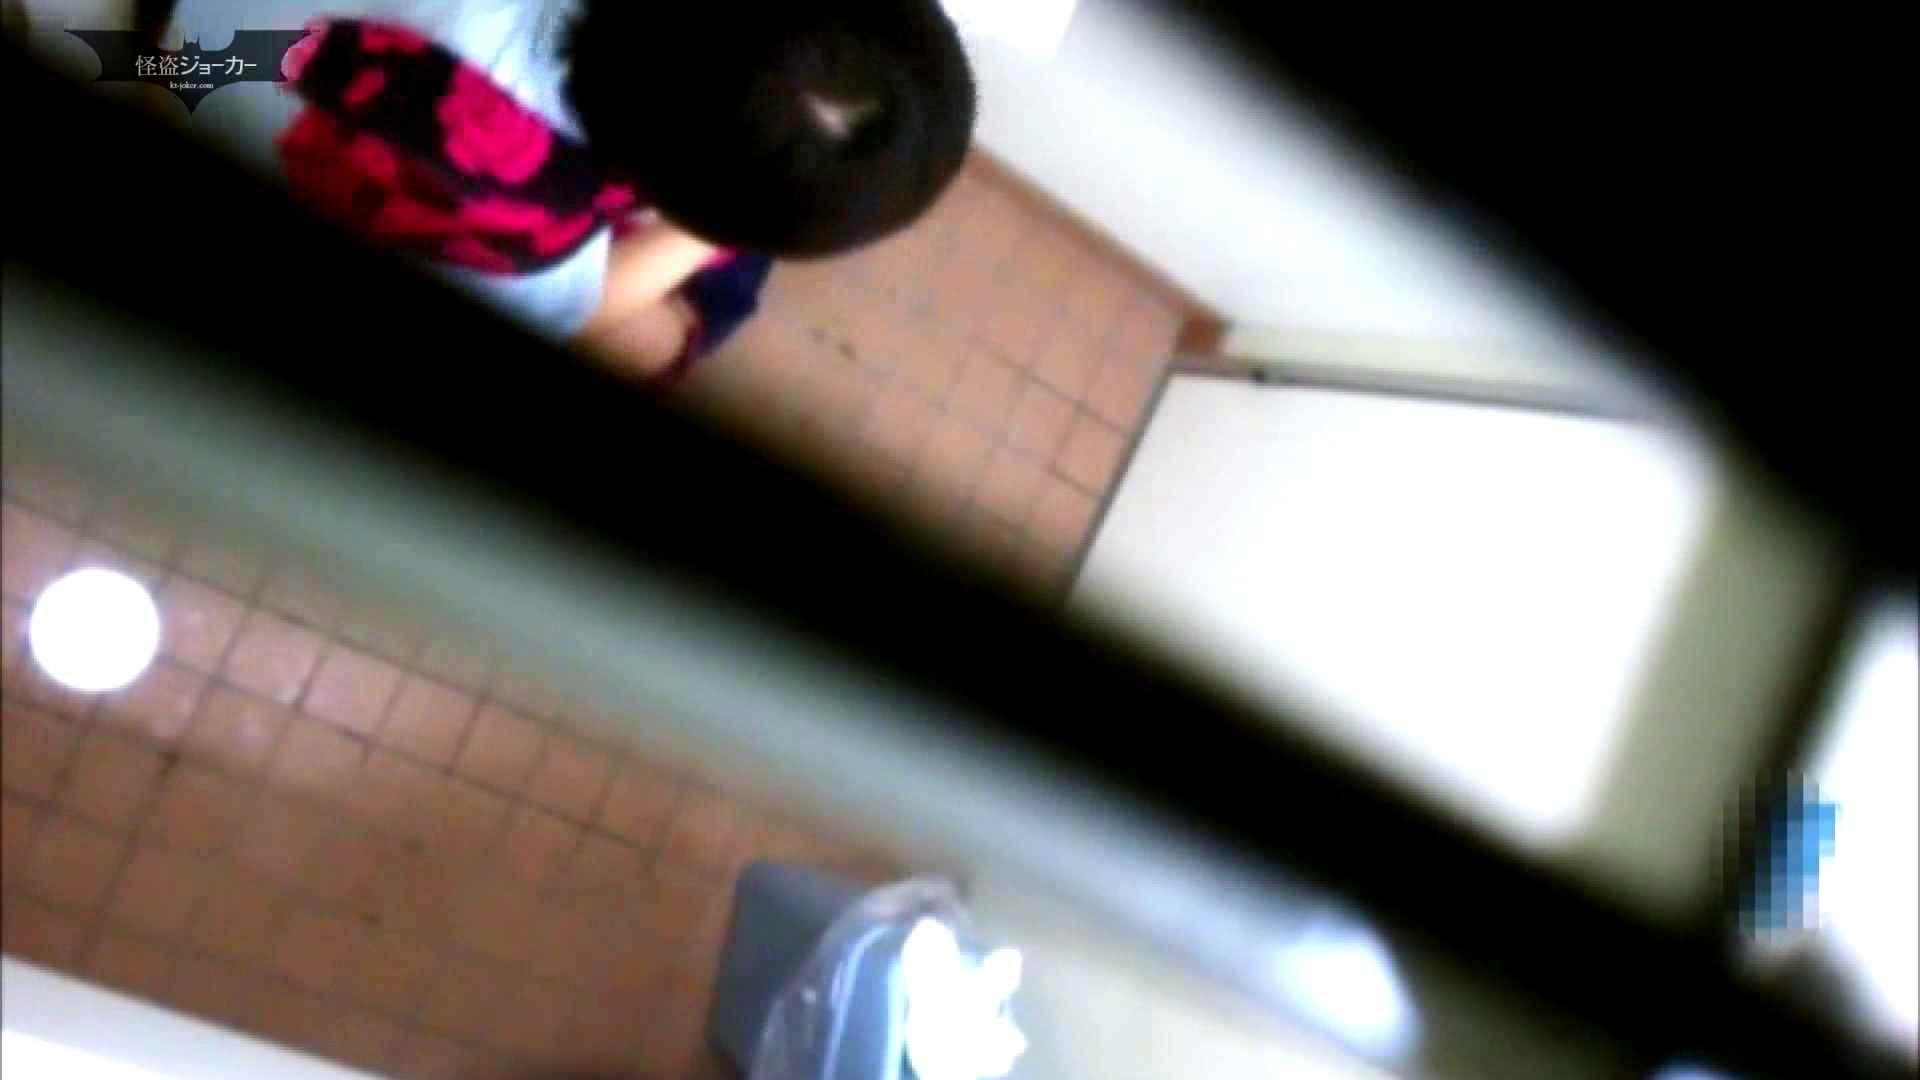 店長代理の盗撮録 Vol.02 制服ばかりをあつめてみました。その2 洗面所シーン オメコ動画キャプチャ 50画像 22